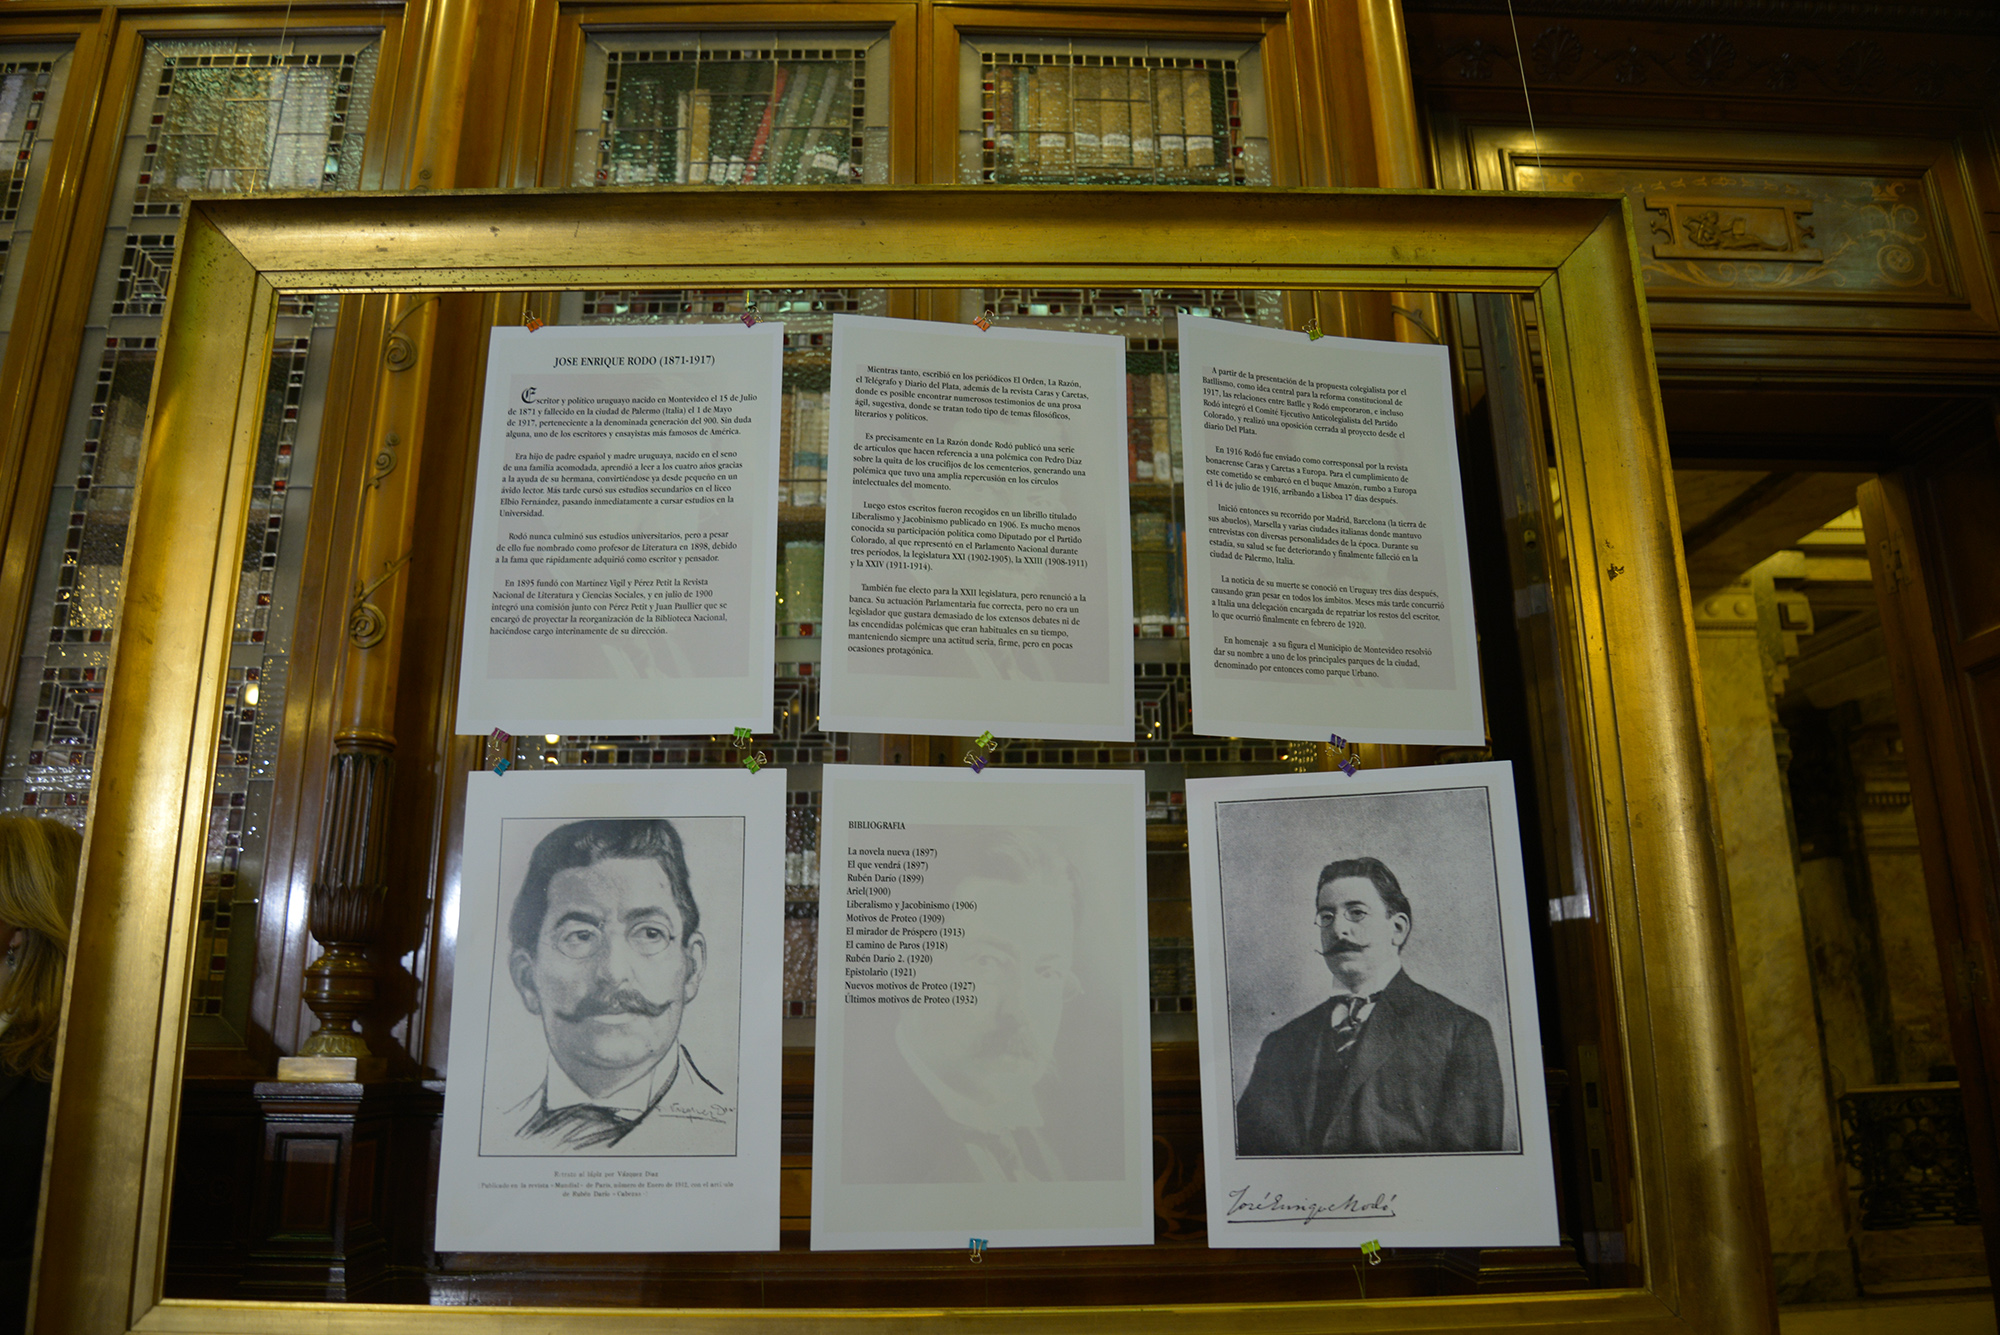 El MEC lanzó un concurso de ensayos sobre José Enrique Rodó - Montevideo Portal